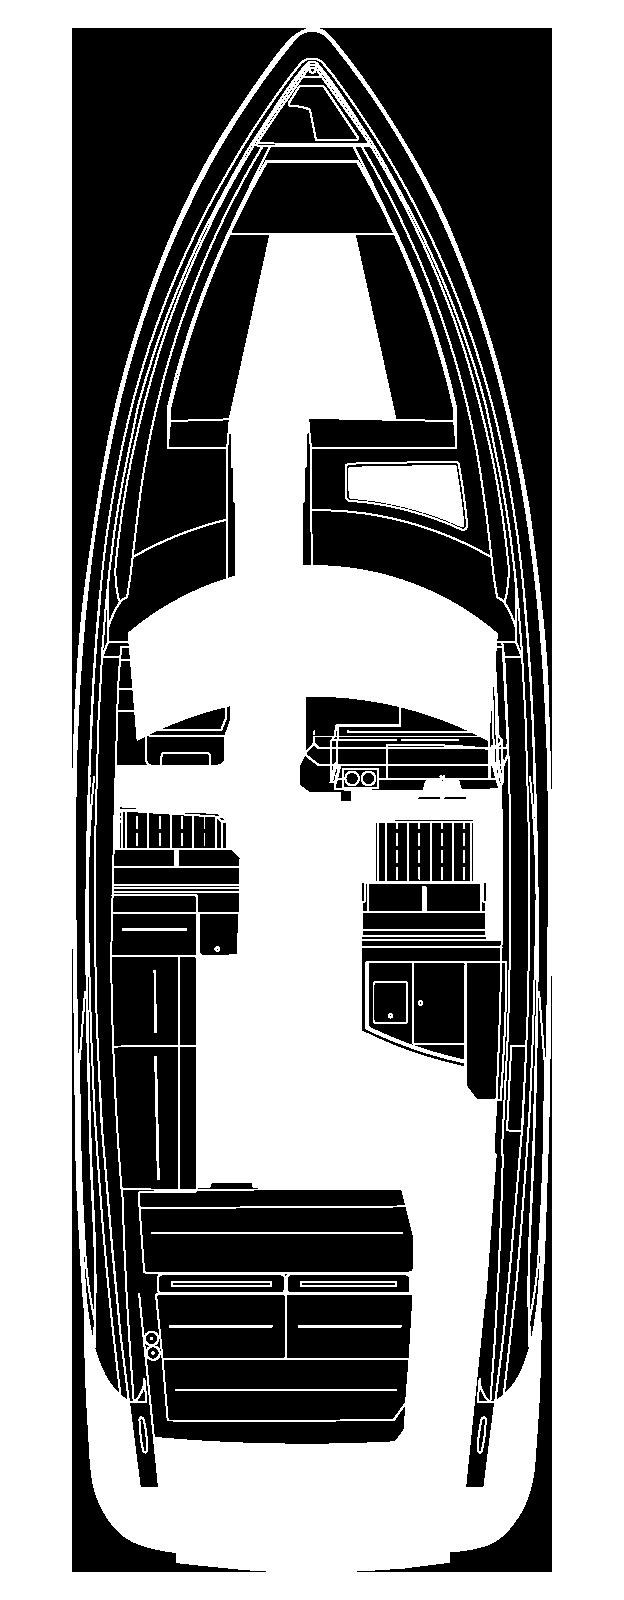 A36_CobaltBoats_Floorplans